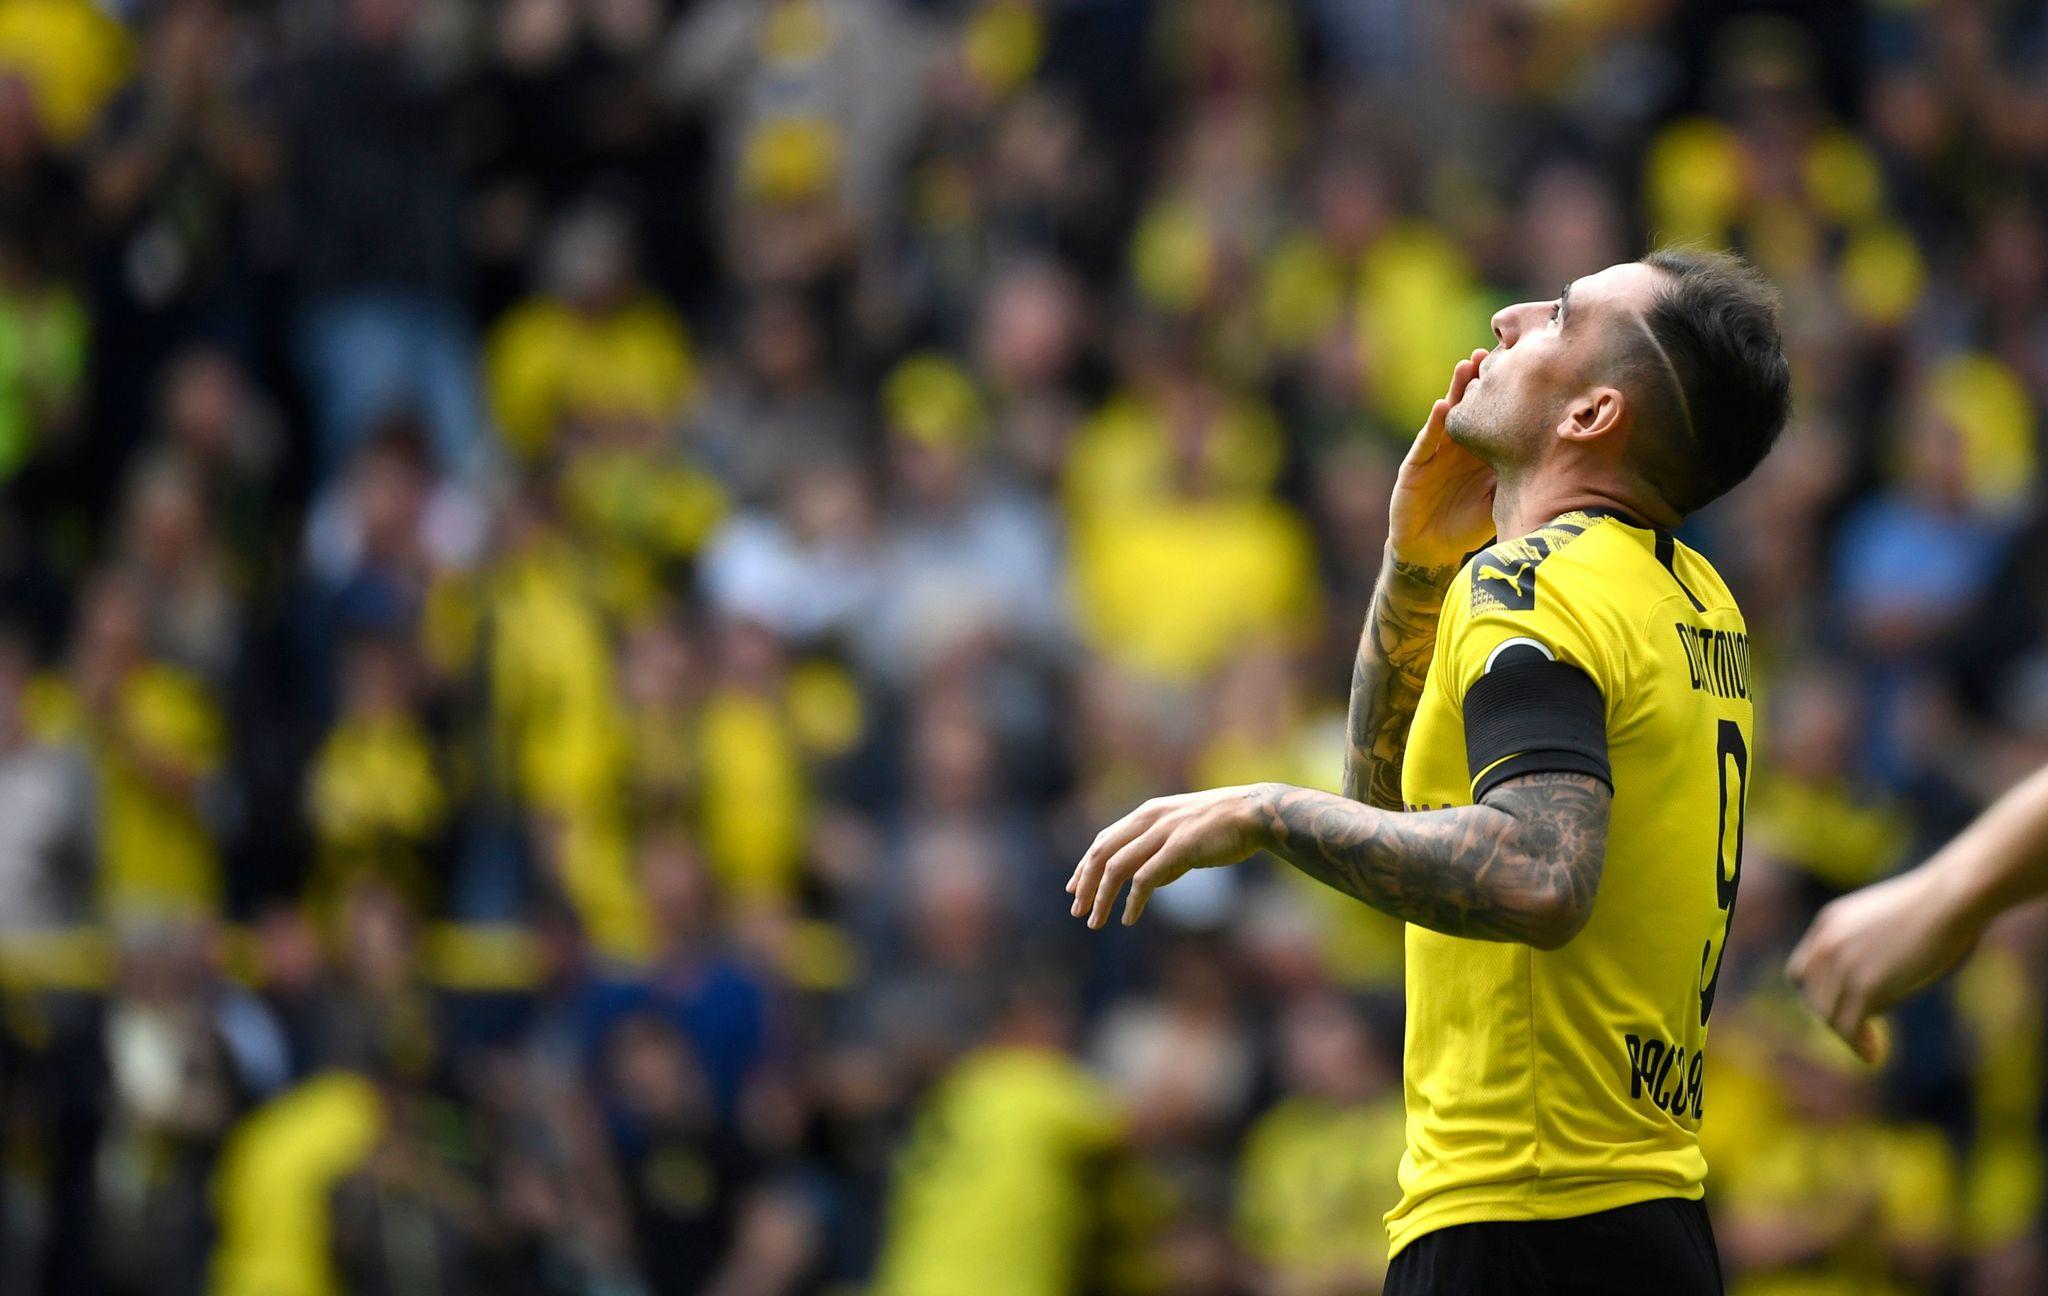 Calendario Bundesliga 2.Borussia Dortmund Vs Augsburgo Alcacer Scores Two Goals And